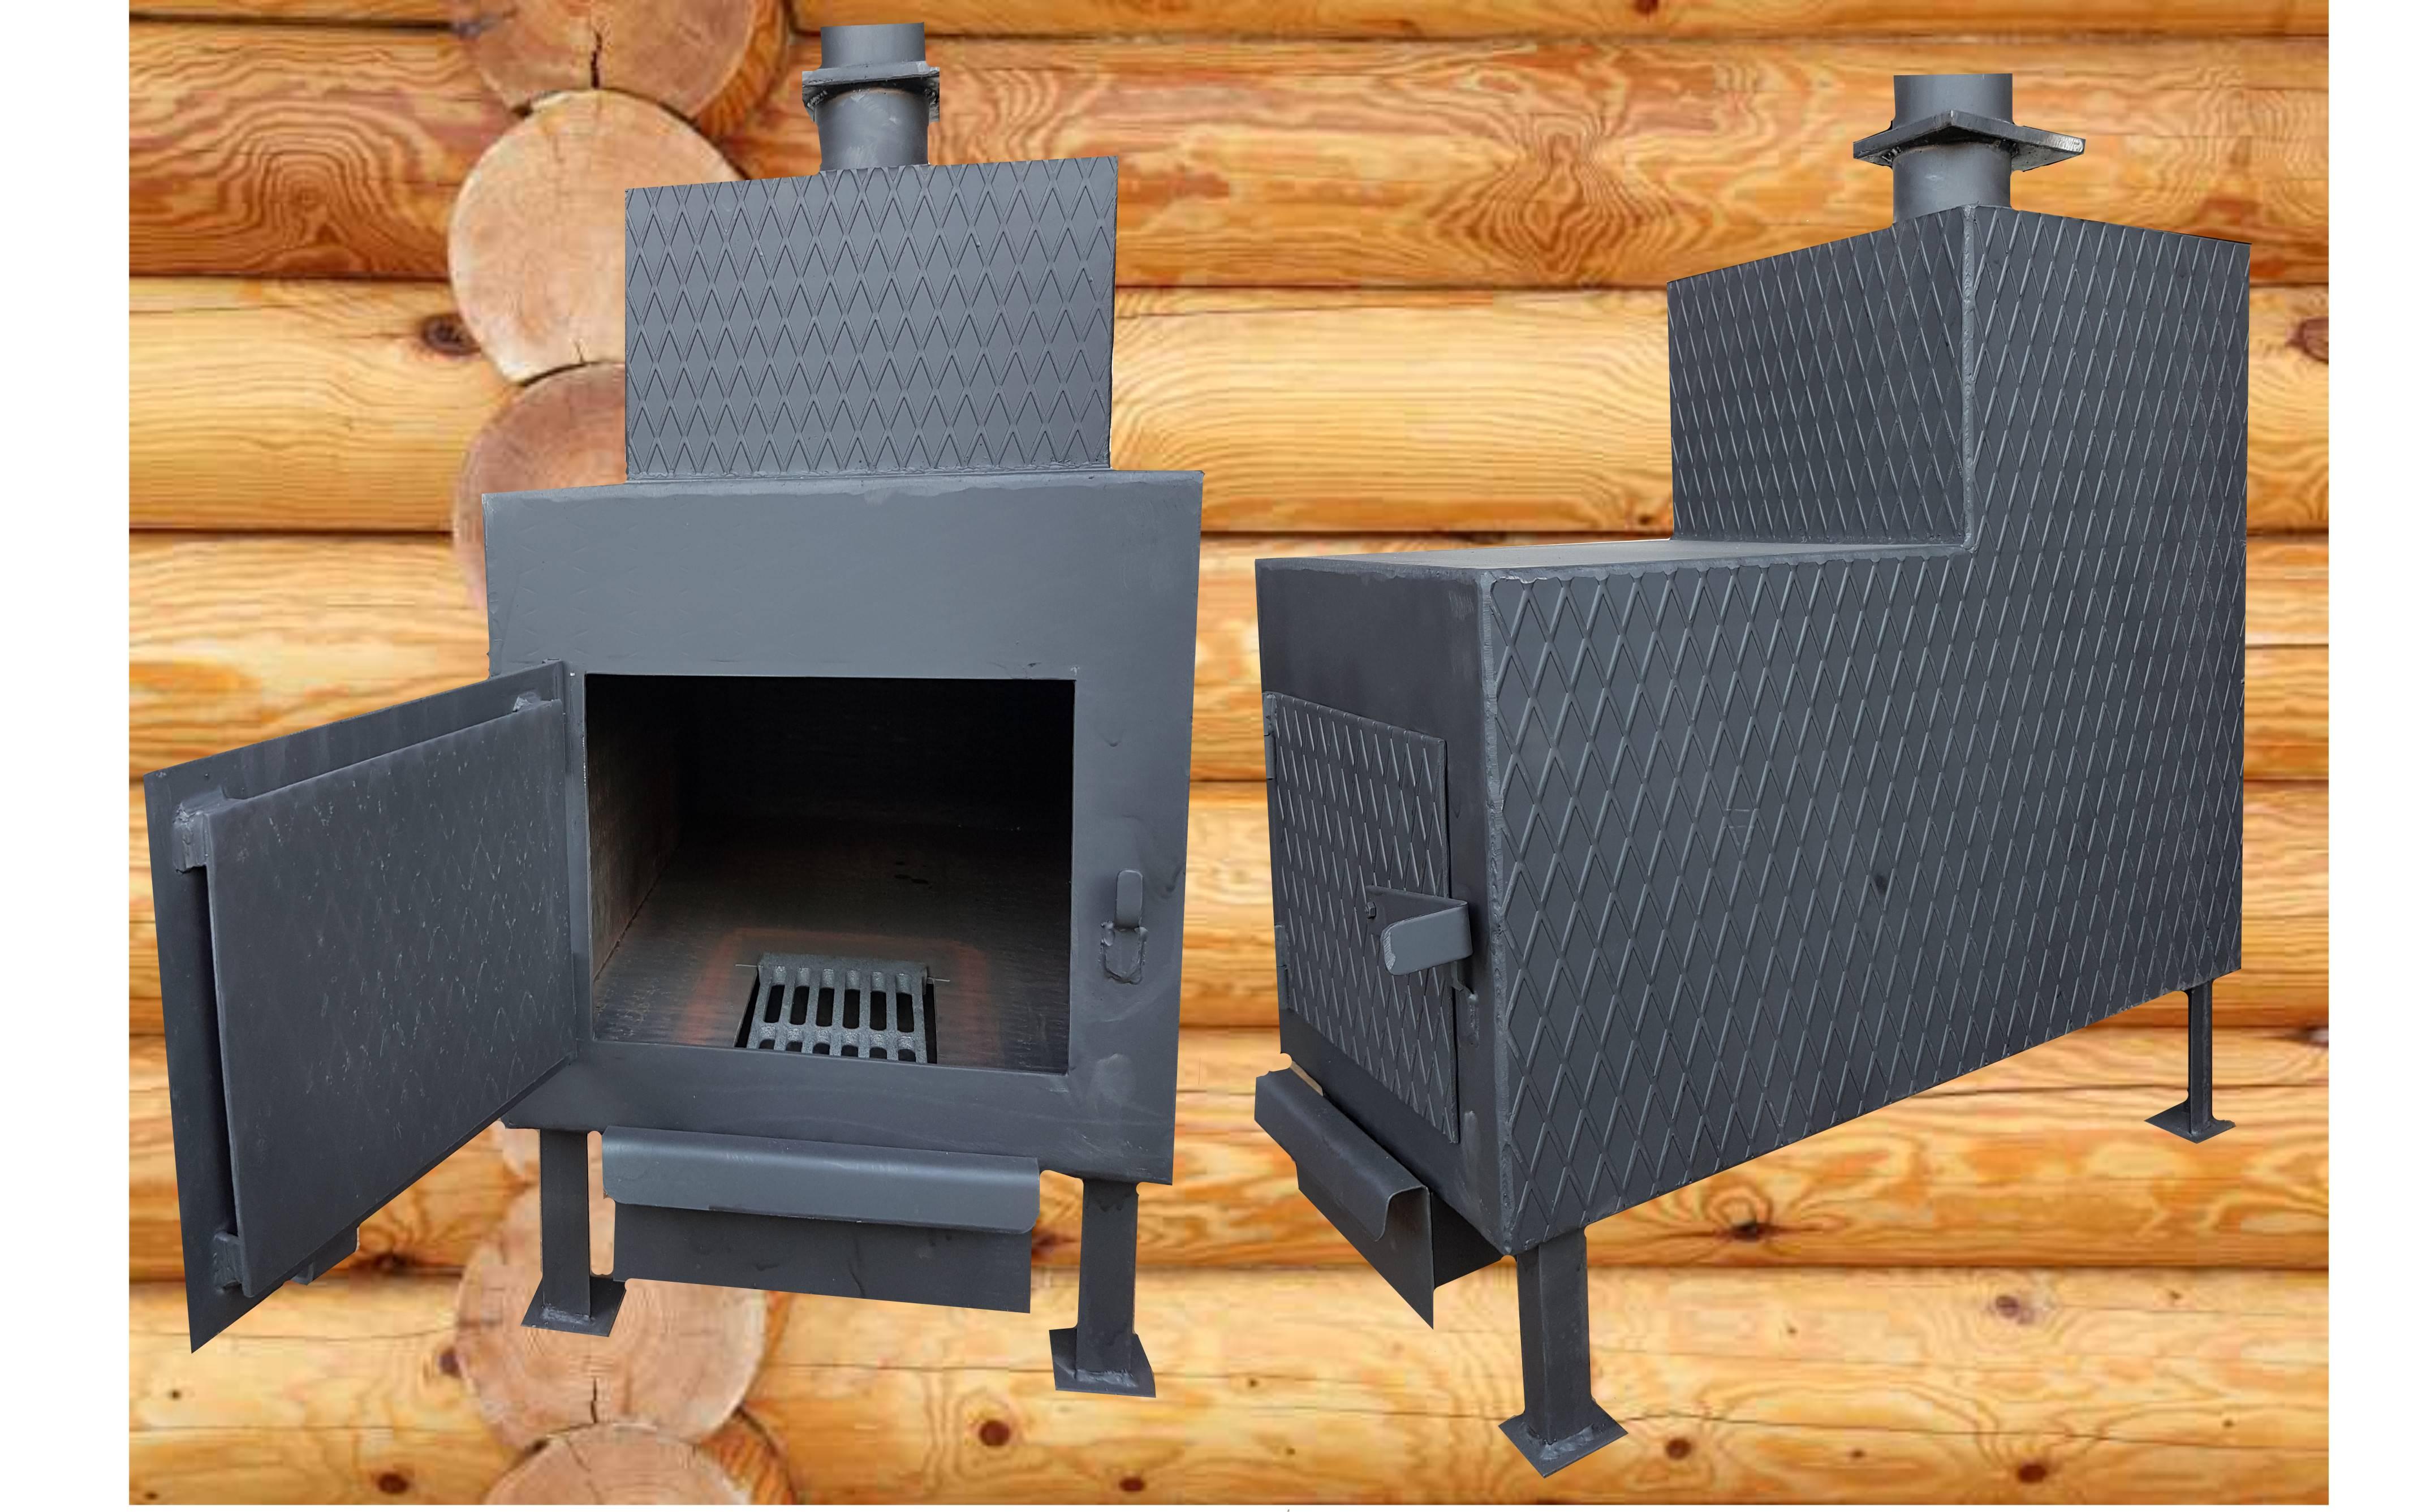 Отопительные печи на дровах для дачи: топ-12 дровяных печек для обогрева дома на даче